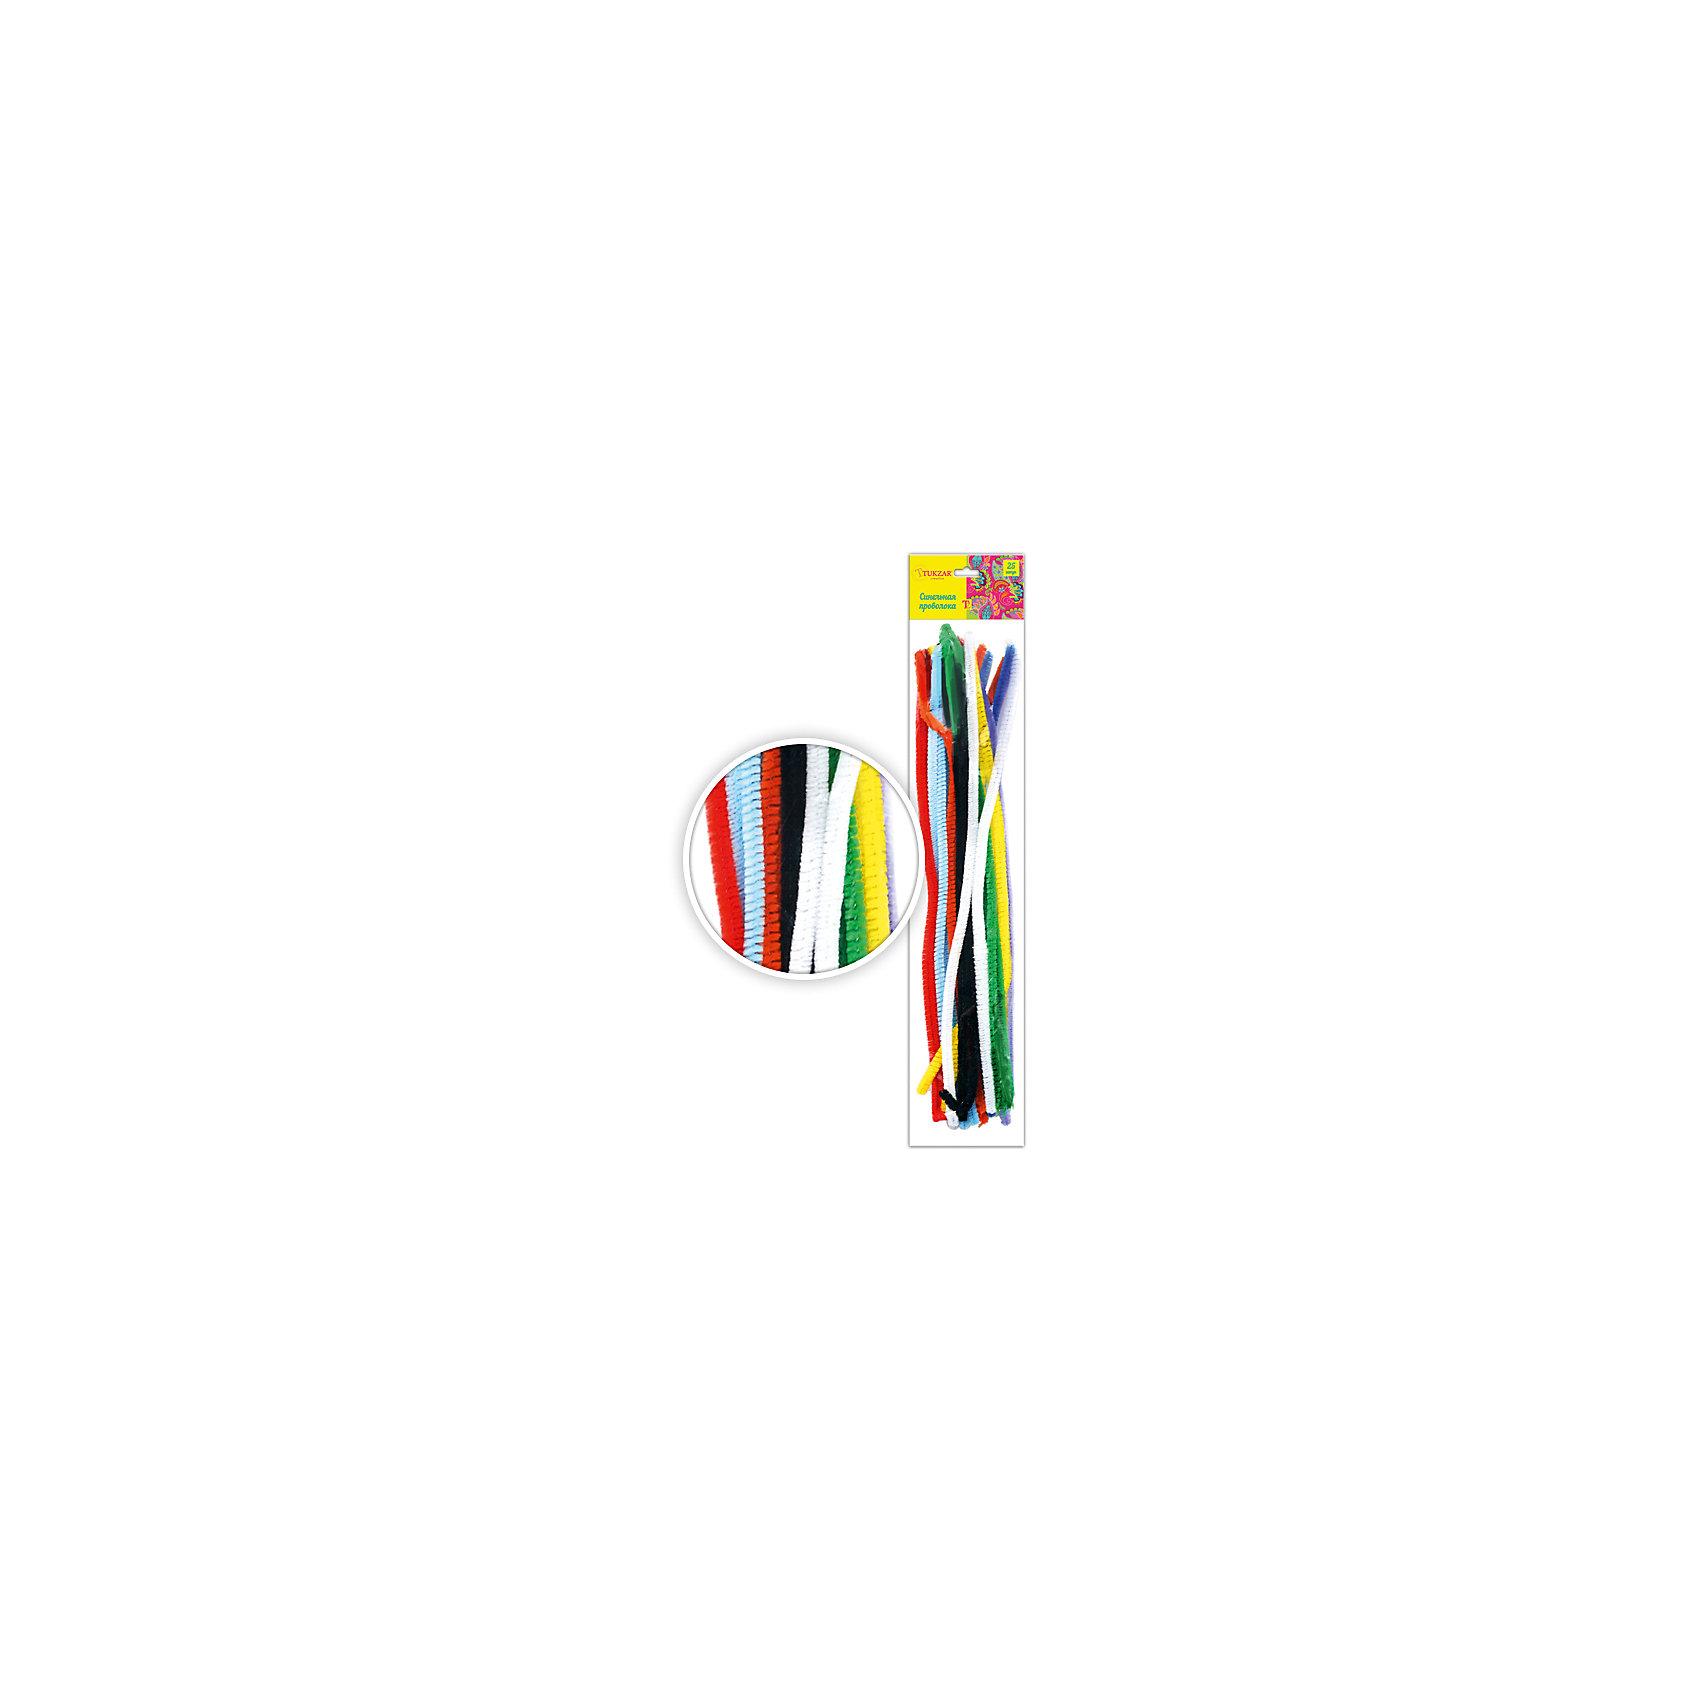 Набор синельной проволоки, 25 шт (цвета ассорти)Последняя цена<br>Набор синельной проволоки, 25 шт (цвета ассорти) от известного торгового бренда канцелярских товаров и товаров для творчества TUKZAR. Пушистая проволока является прекрасным материалом для создания плоских или объемных аппликаций. Этот поделочный материал обладает гибкостью, что позволяет создавать из него любые поделки, кроме того синельная проволока может использоваться в сочетании с другими декоративными материалами. Набор от TUKZAR  из 25 разноцветных плюшевых проволочек, что позволит создать практически любого животного. <br>Поделки из синельной проволоки особенно будут интересны детям дошкольного возраста, работа с данным материалом способствует развитию мелкой моторики и такильным ощущениям.<br><br>Дополнительная информация:<br><br>- Предназначение: для творческих занятий, оформительских работ и декорирования, для аппликаций<br>- Материал: проволока<br>- Комплектация: разноцветная проволока, 25 шт.<br>- Упаковка: блистер<br><br>Подробнее:<br><br>• Для детей в возрасте: от 5 лет <br>• Страна производитель: Китай<br>• Торговый бренд: TUKZAR<br><br>Набор синельной проволоки, 25 шт (цвета ассорти) можно купить в нашем интернет-магазине.<br><br>Ширина мм: 380<br>Глубина мм: 70<br>Высота мм: 30<br>Вес г: 200<br>Возраст от месяцев: 36<br>Возраст до месяцев: 192<br>Пол: Унисекс<br>Возраст: Детский<br>SKU: 5001390